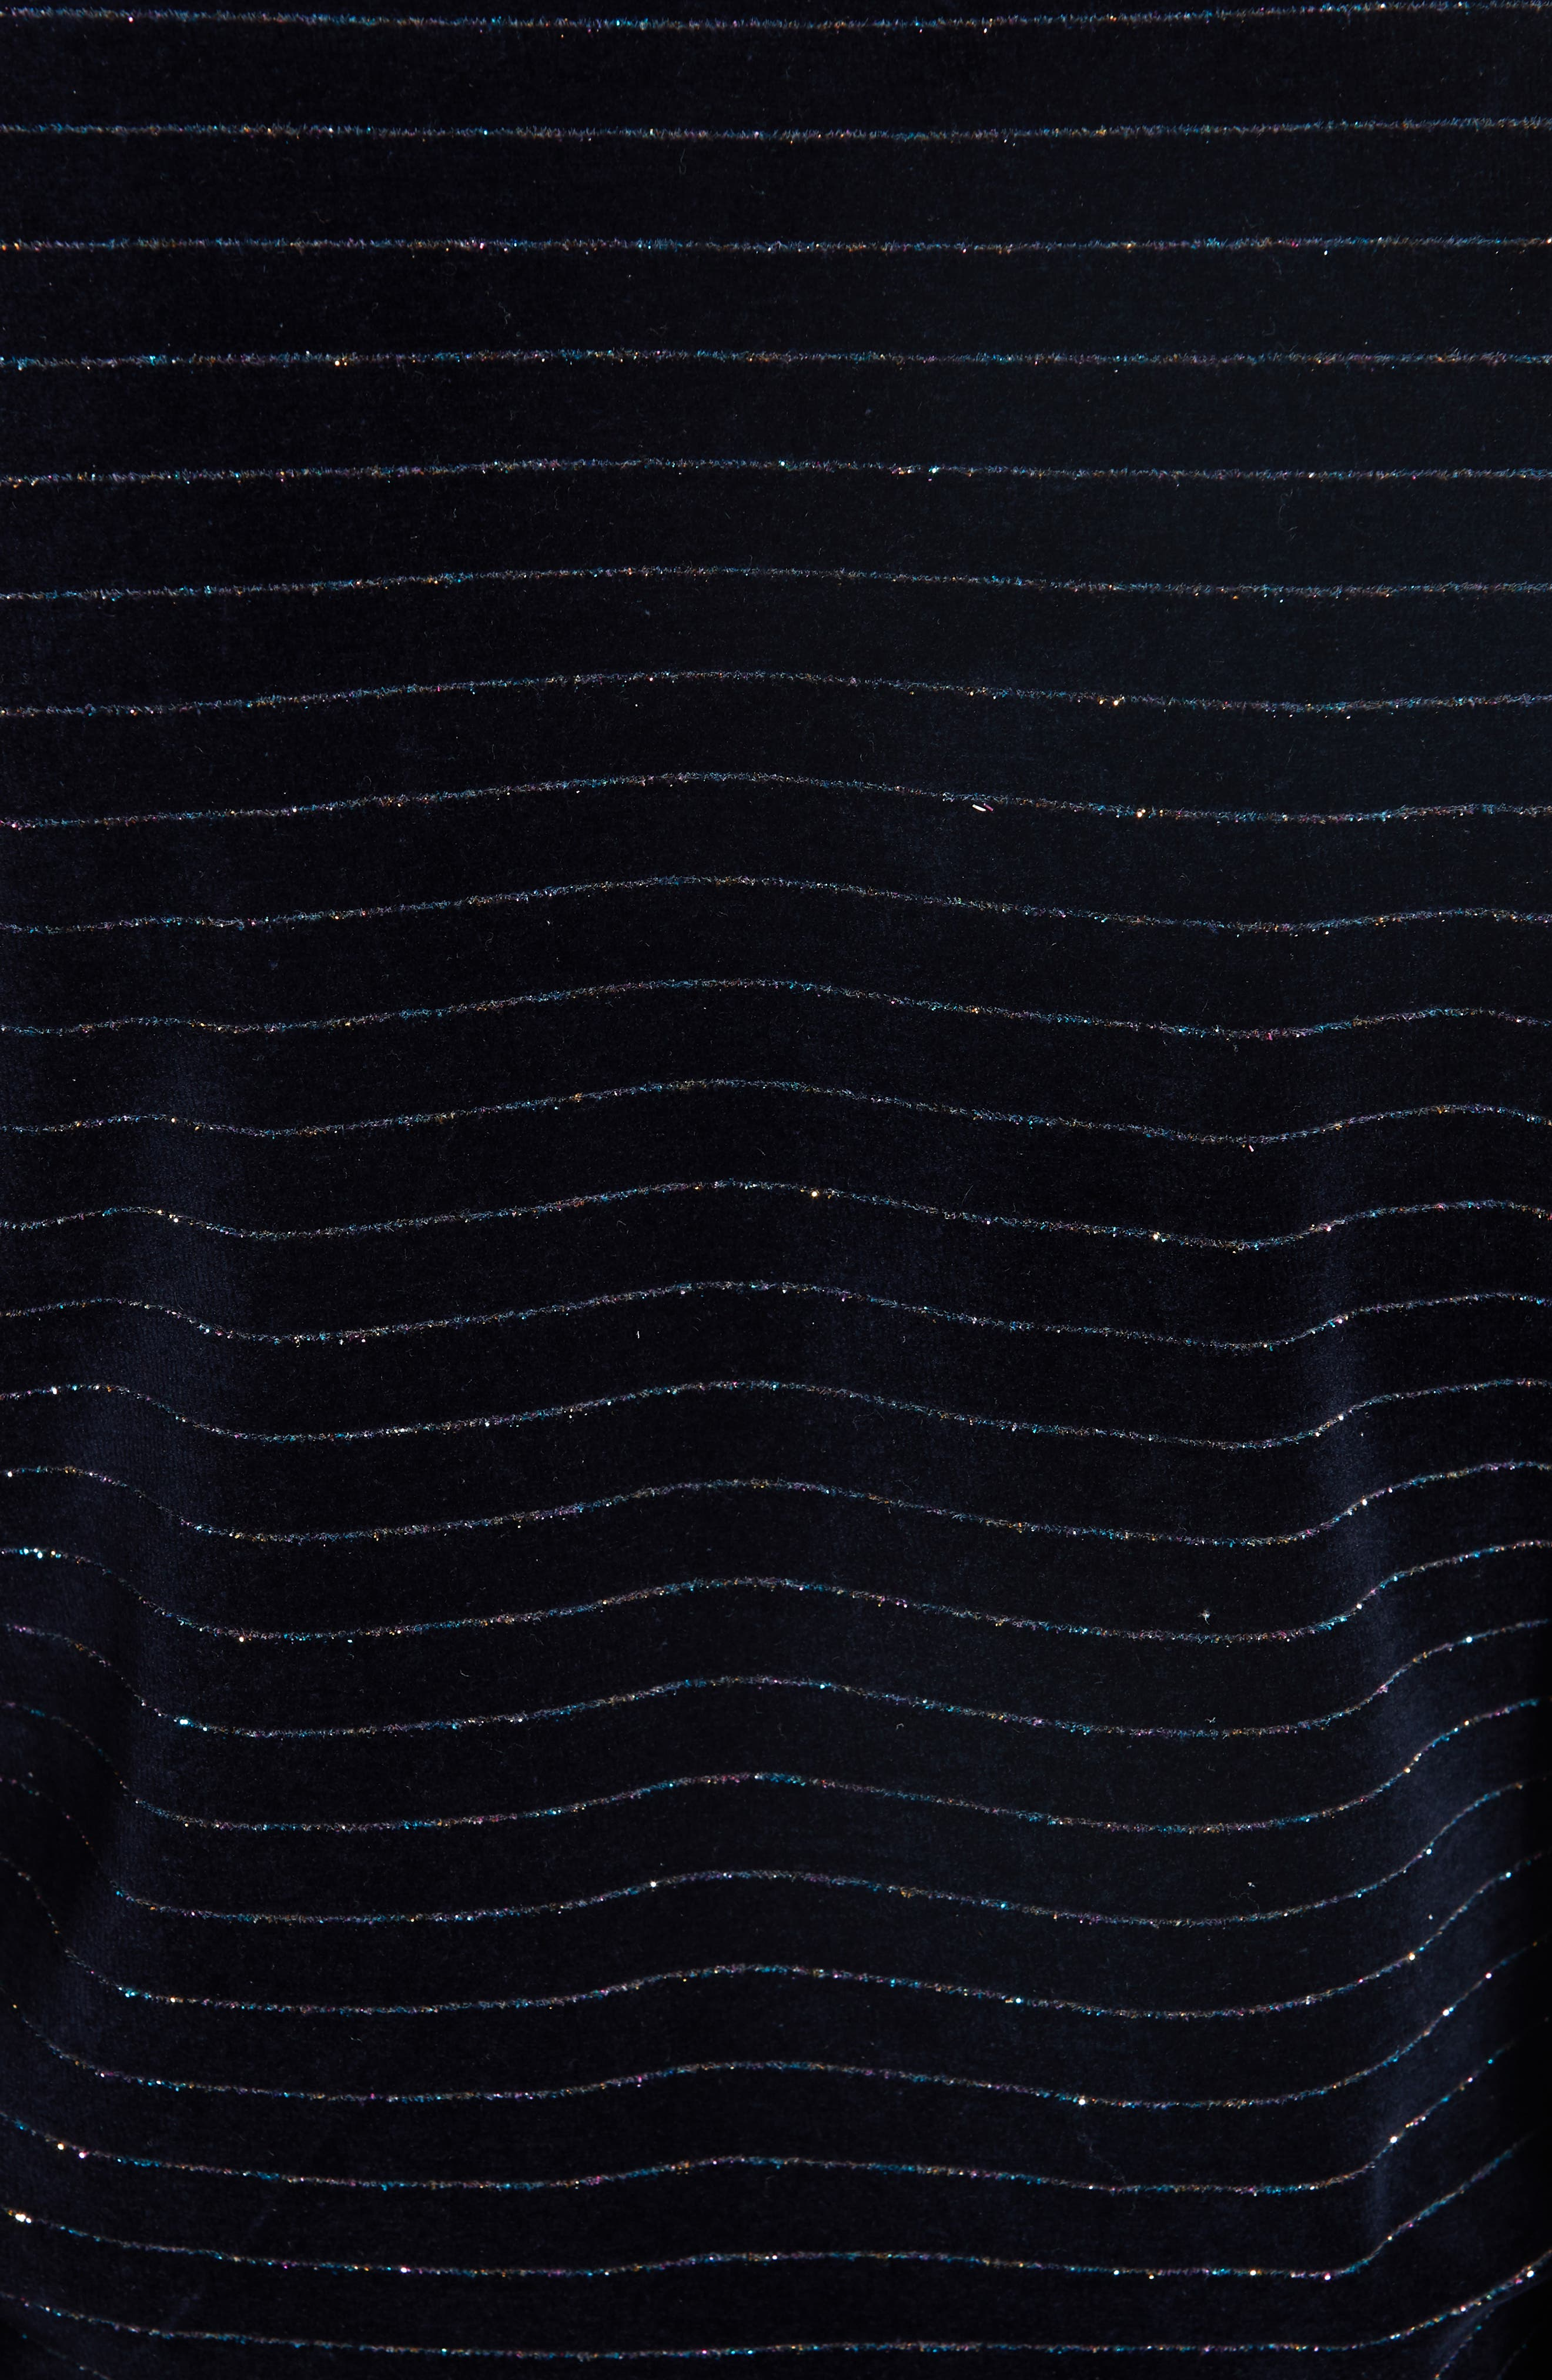 Velvet Jersey Wrap Top,                             Alternate thumbnail 6, color,                             TOTAL ECLIPSE 707